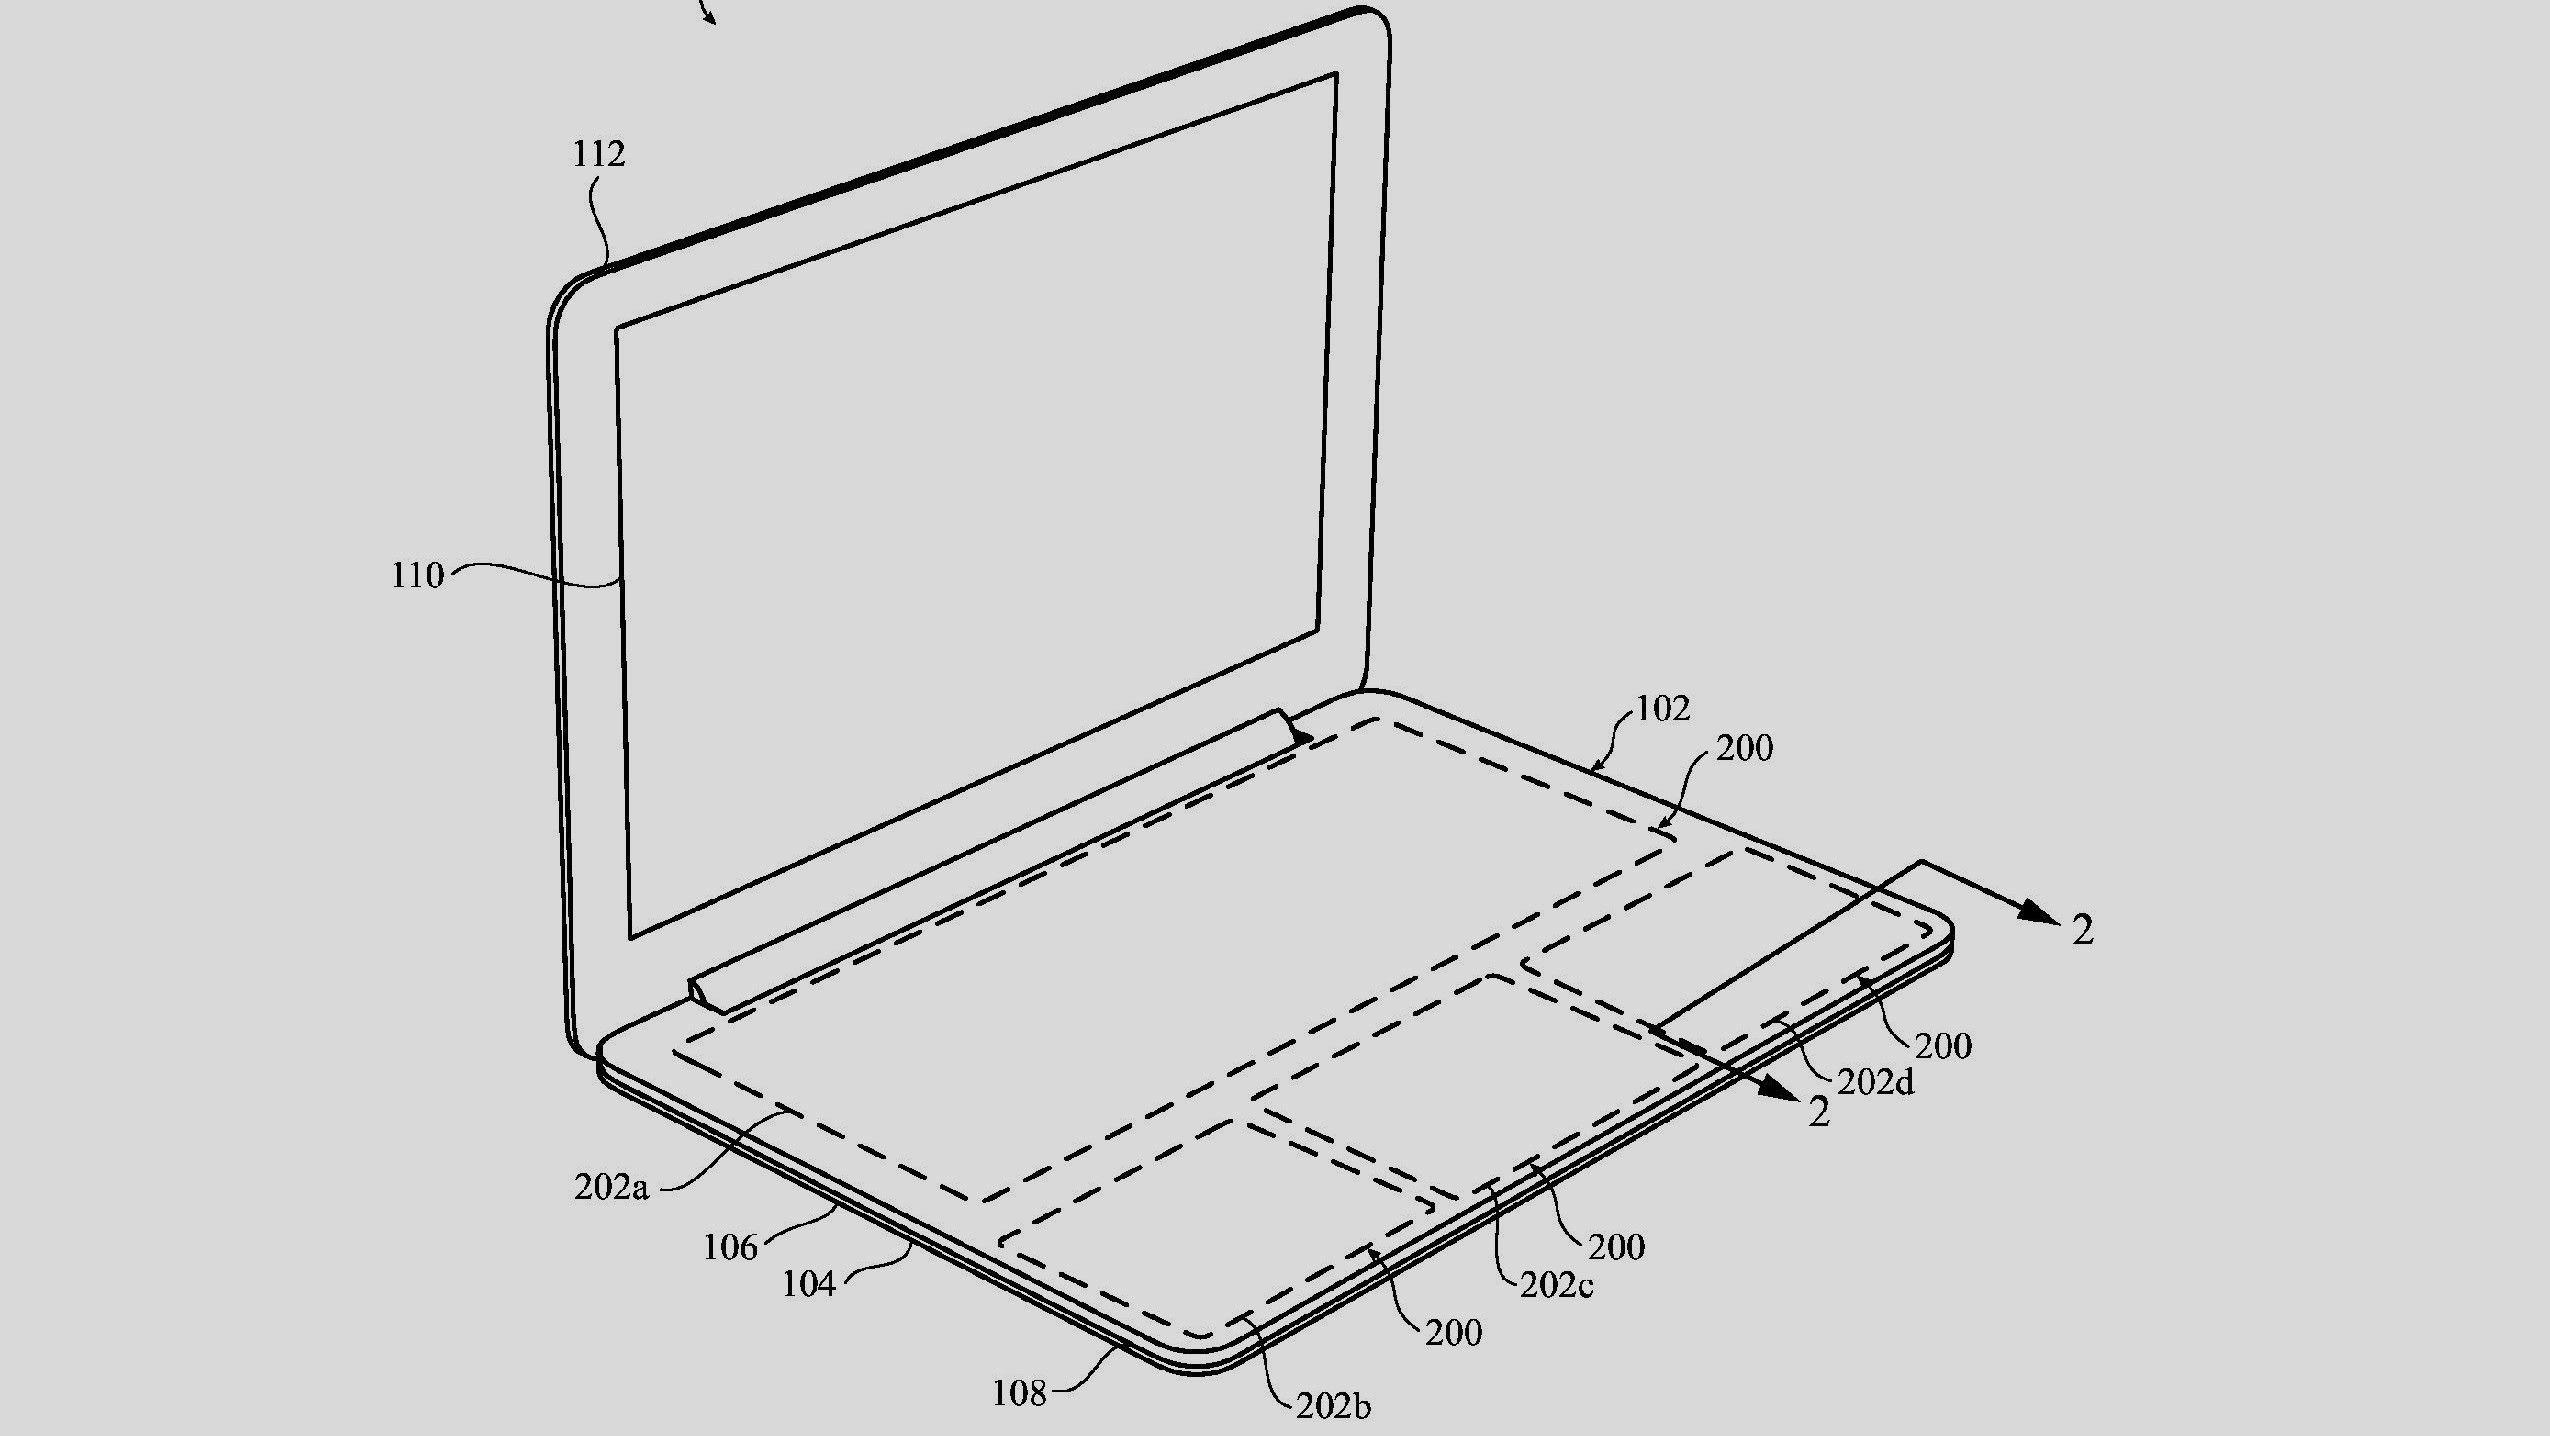 Apple tok patent på et virtuelt tastekonsept til sine bærbare tidligere i år, men det er uvisst om dette har noe å gjøre med de nye ryktene. Dette er et illustrasjonsbilde fra patentdokumentet.